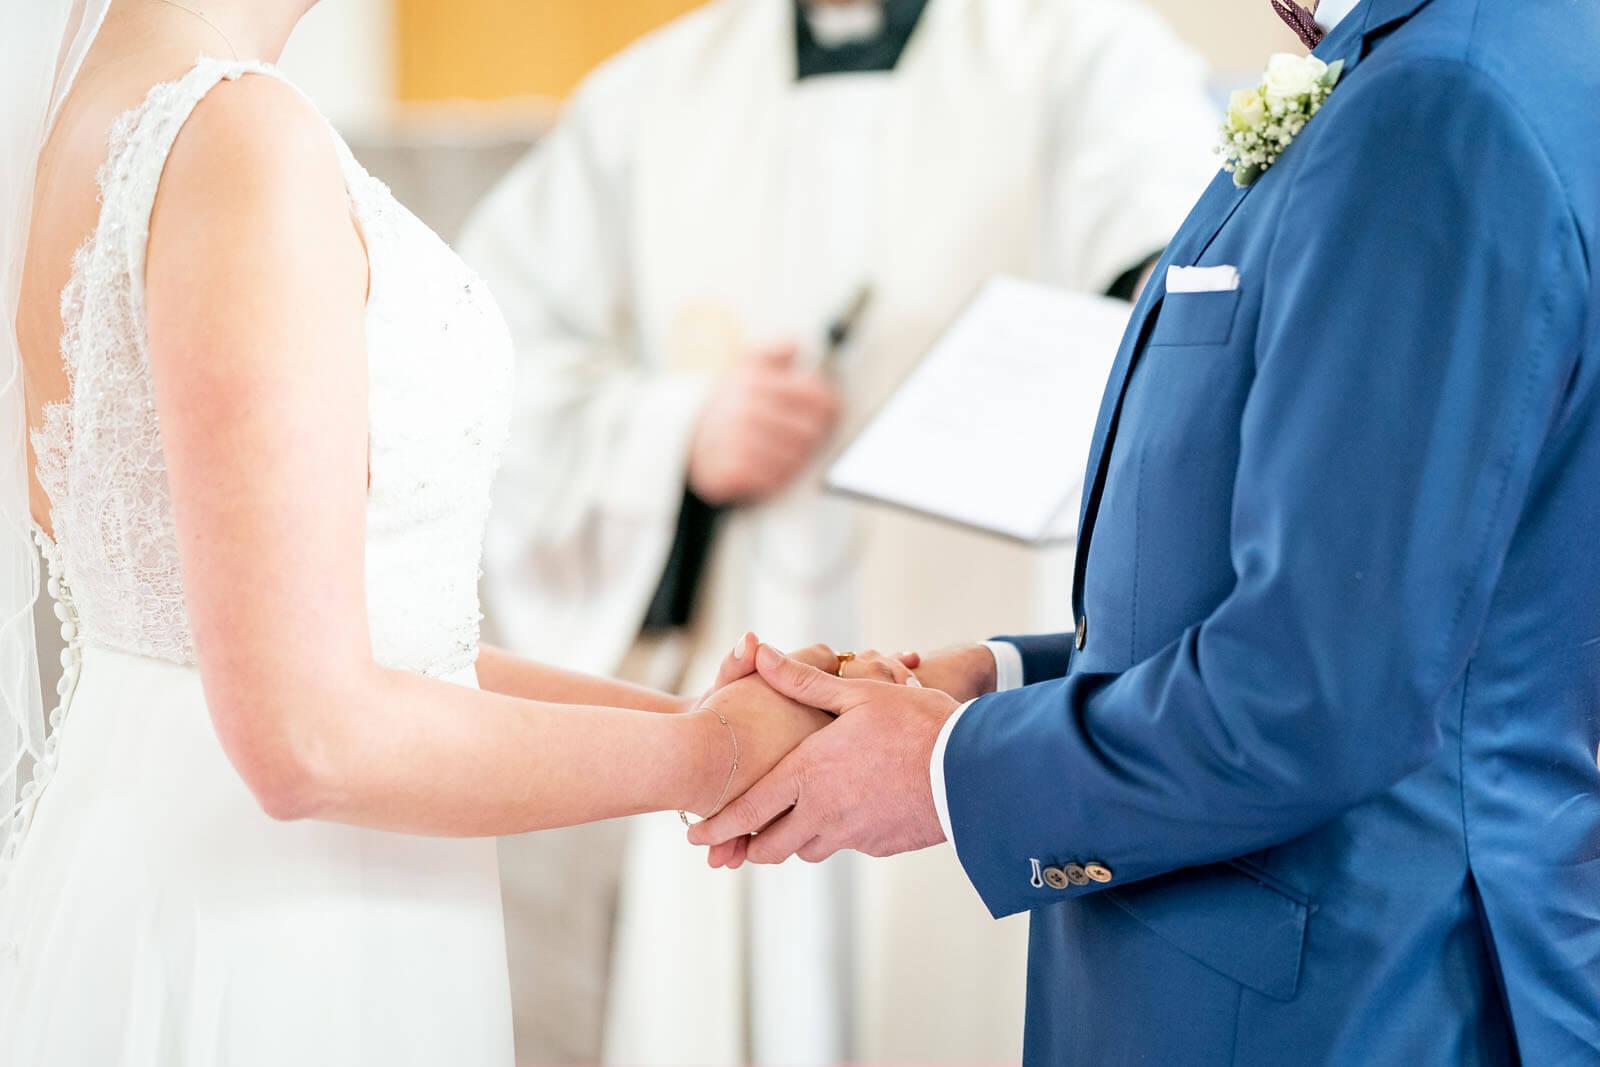 Brautpaar hält sich am Atar die Hände. Fotograf Florian Läufer aus drückte im richtigen Moment auf den Auslöser.